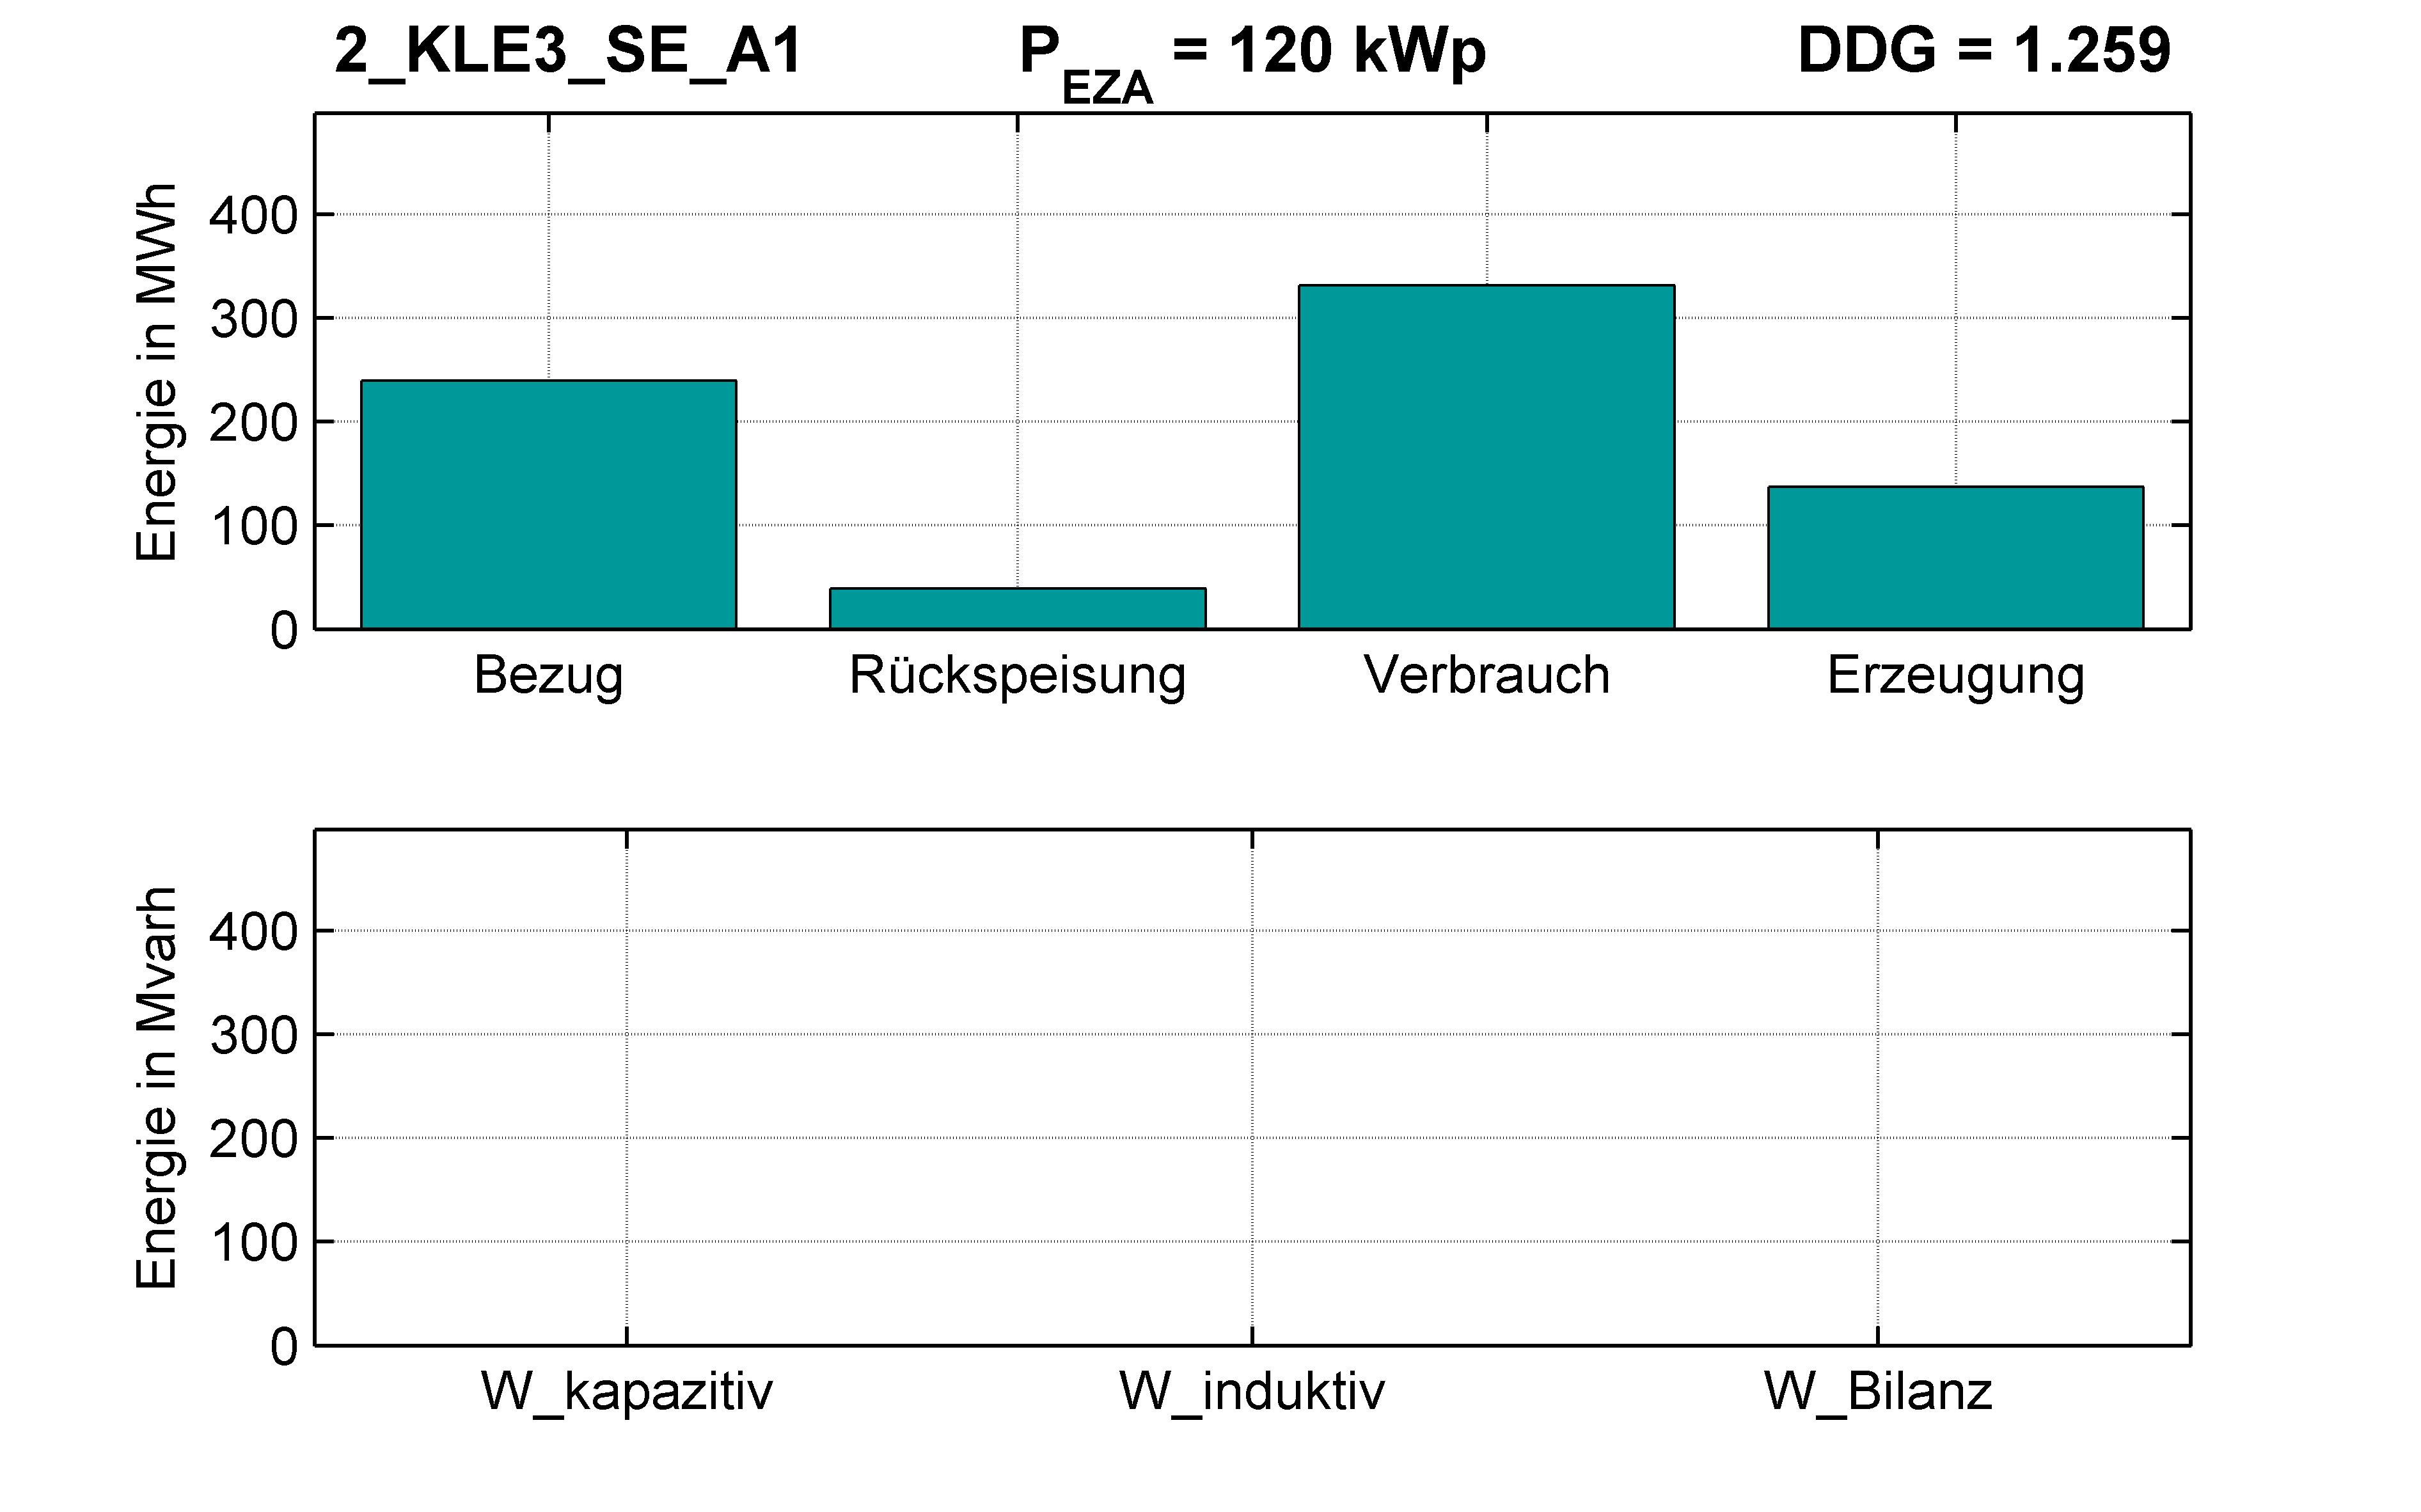 KLE3 | P-Kappung 85% (SE) A1 | PQ-Bilanz